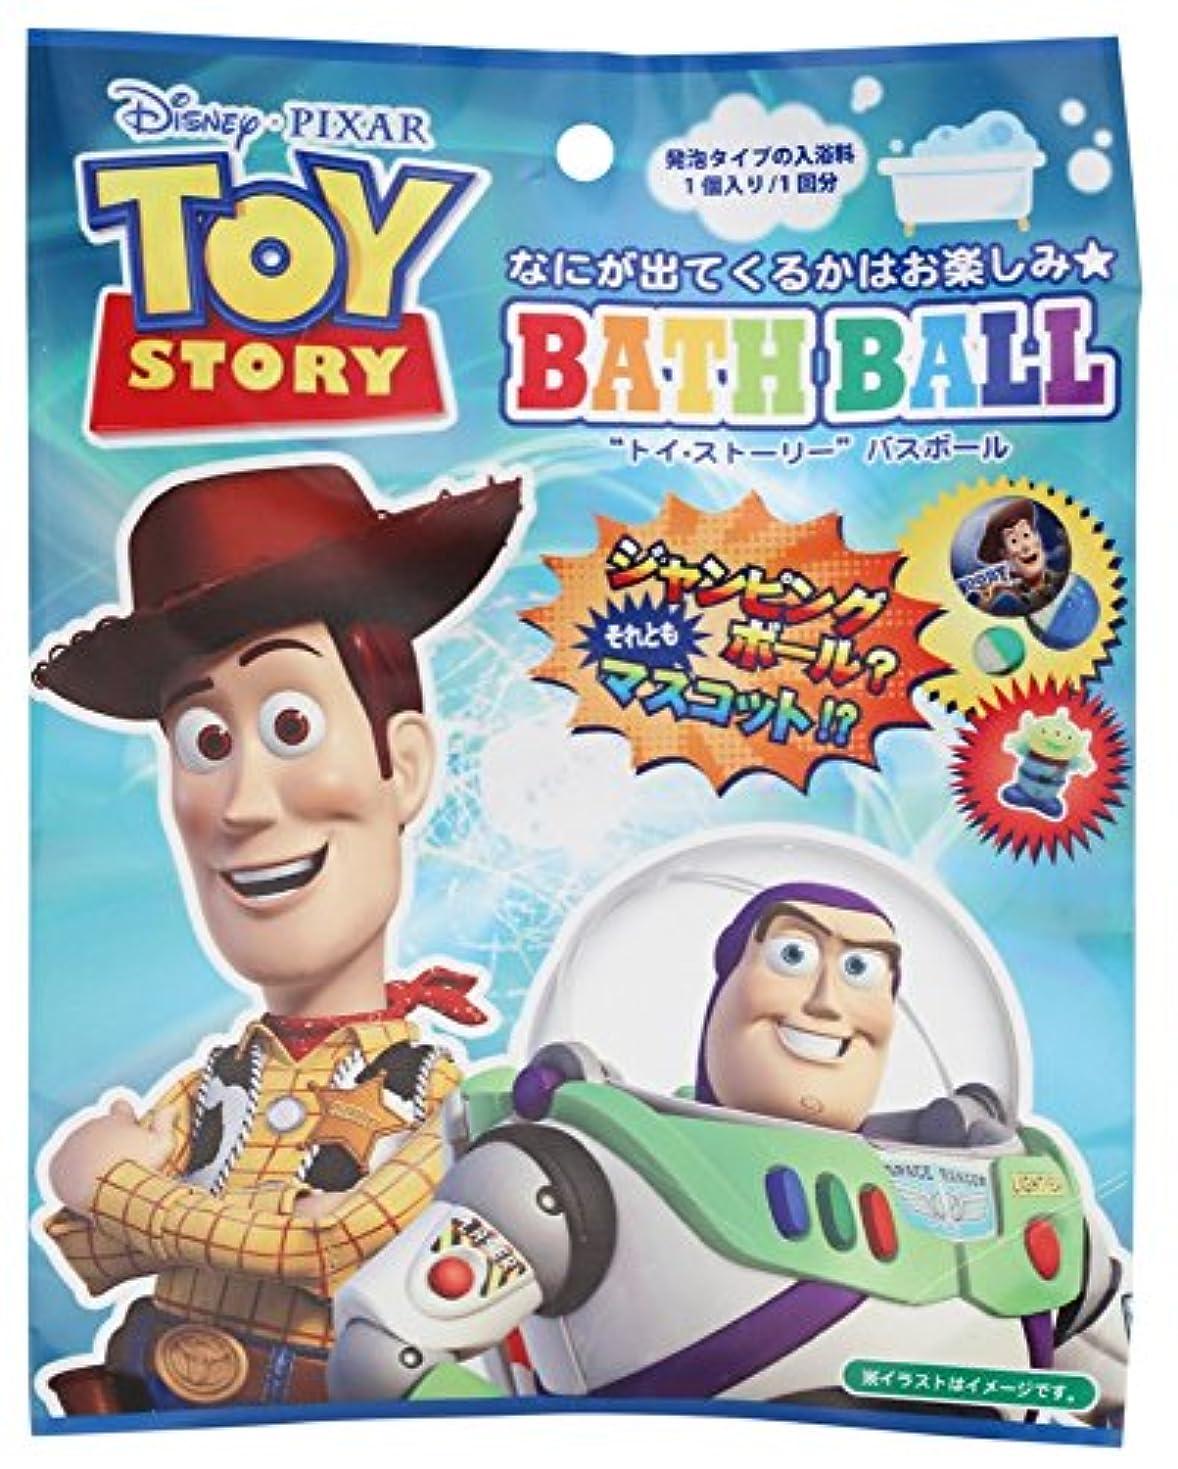 エレクトロニック細分化する通信網ディズニー 入浴剤 トイストーリーバスボール おまけ付き DIP-80-01